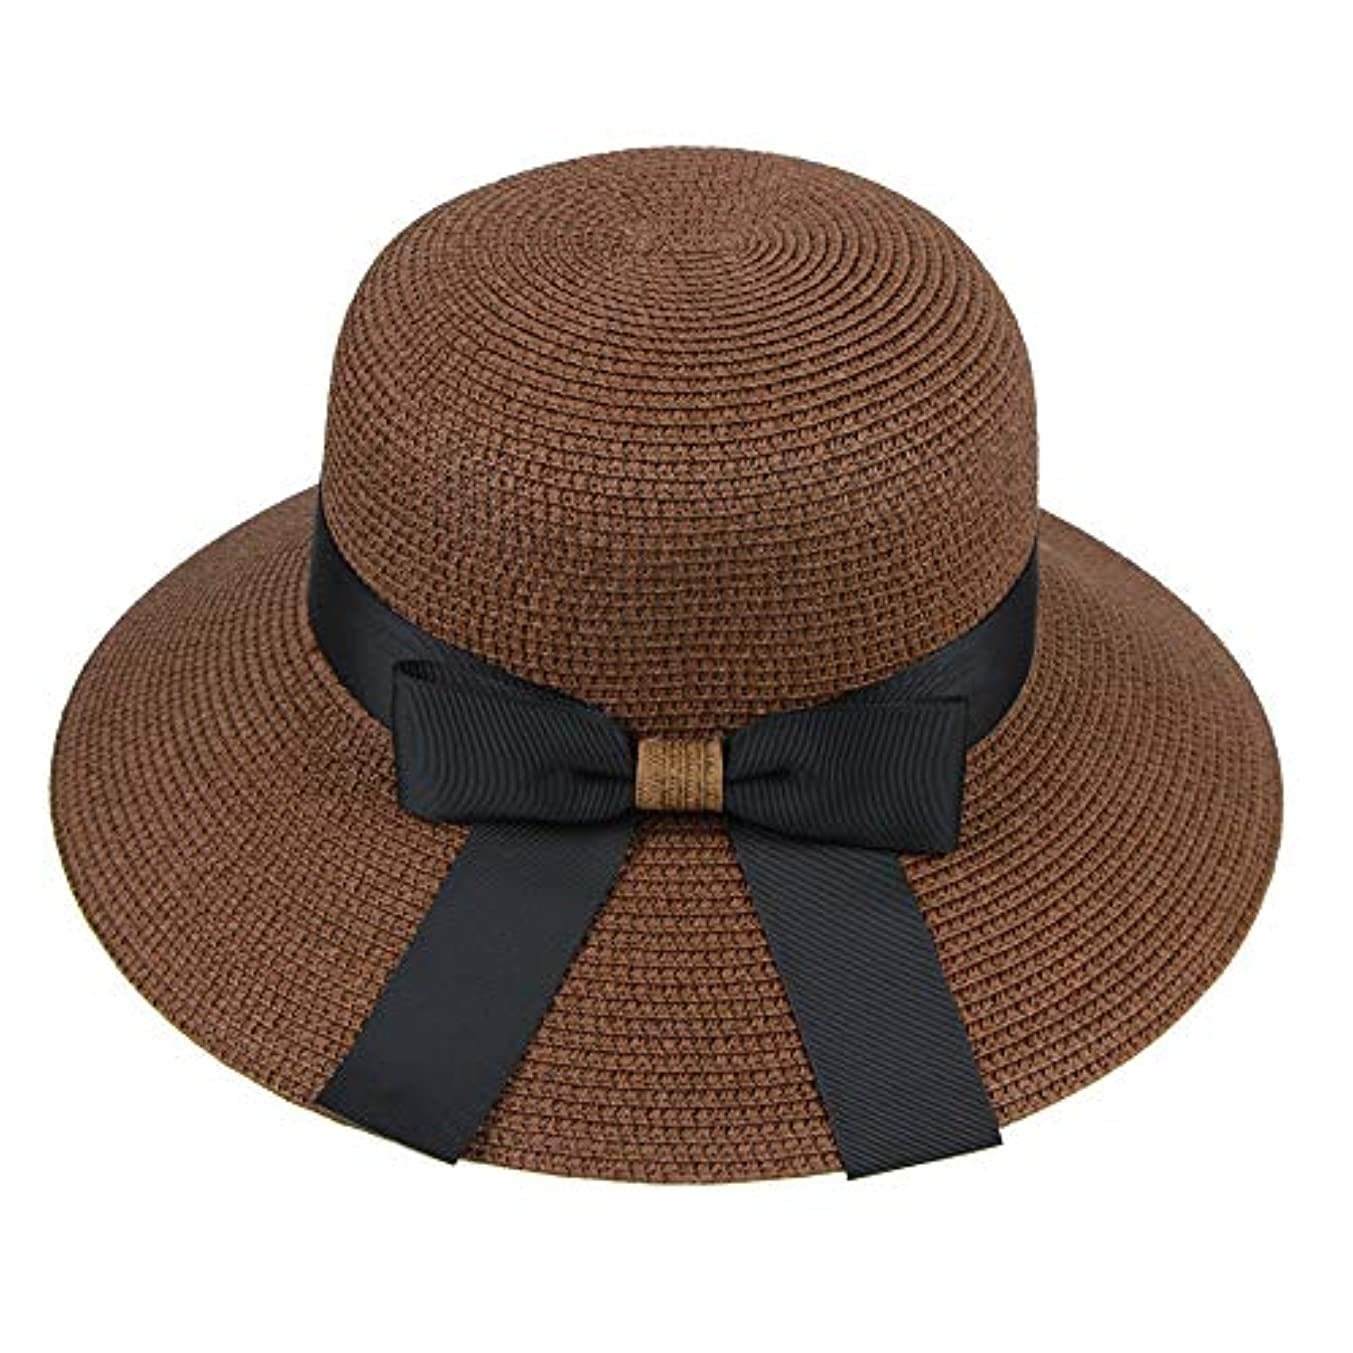 リーフレット命令苦しむ漁師帽 帽子 レディース UVカット 帽子 夏季 海 旅行 UV帽子 日焼け防止 つば広 取り外すあご紐 おしゃれ 可愛い ワイルド カジュアル スタイル ファッション シンプル 夏 ビーチ 必須 小顔効果 ROSE ROMAN